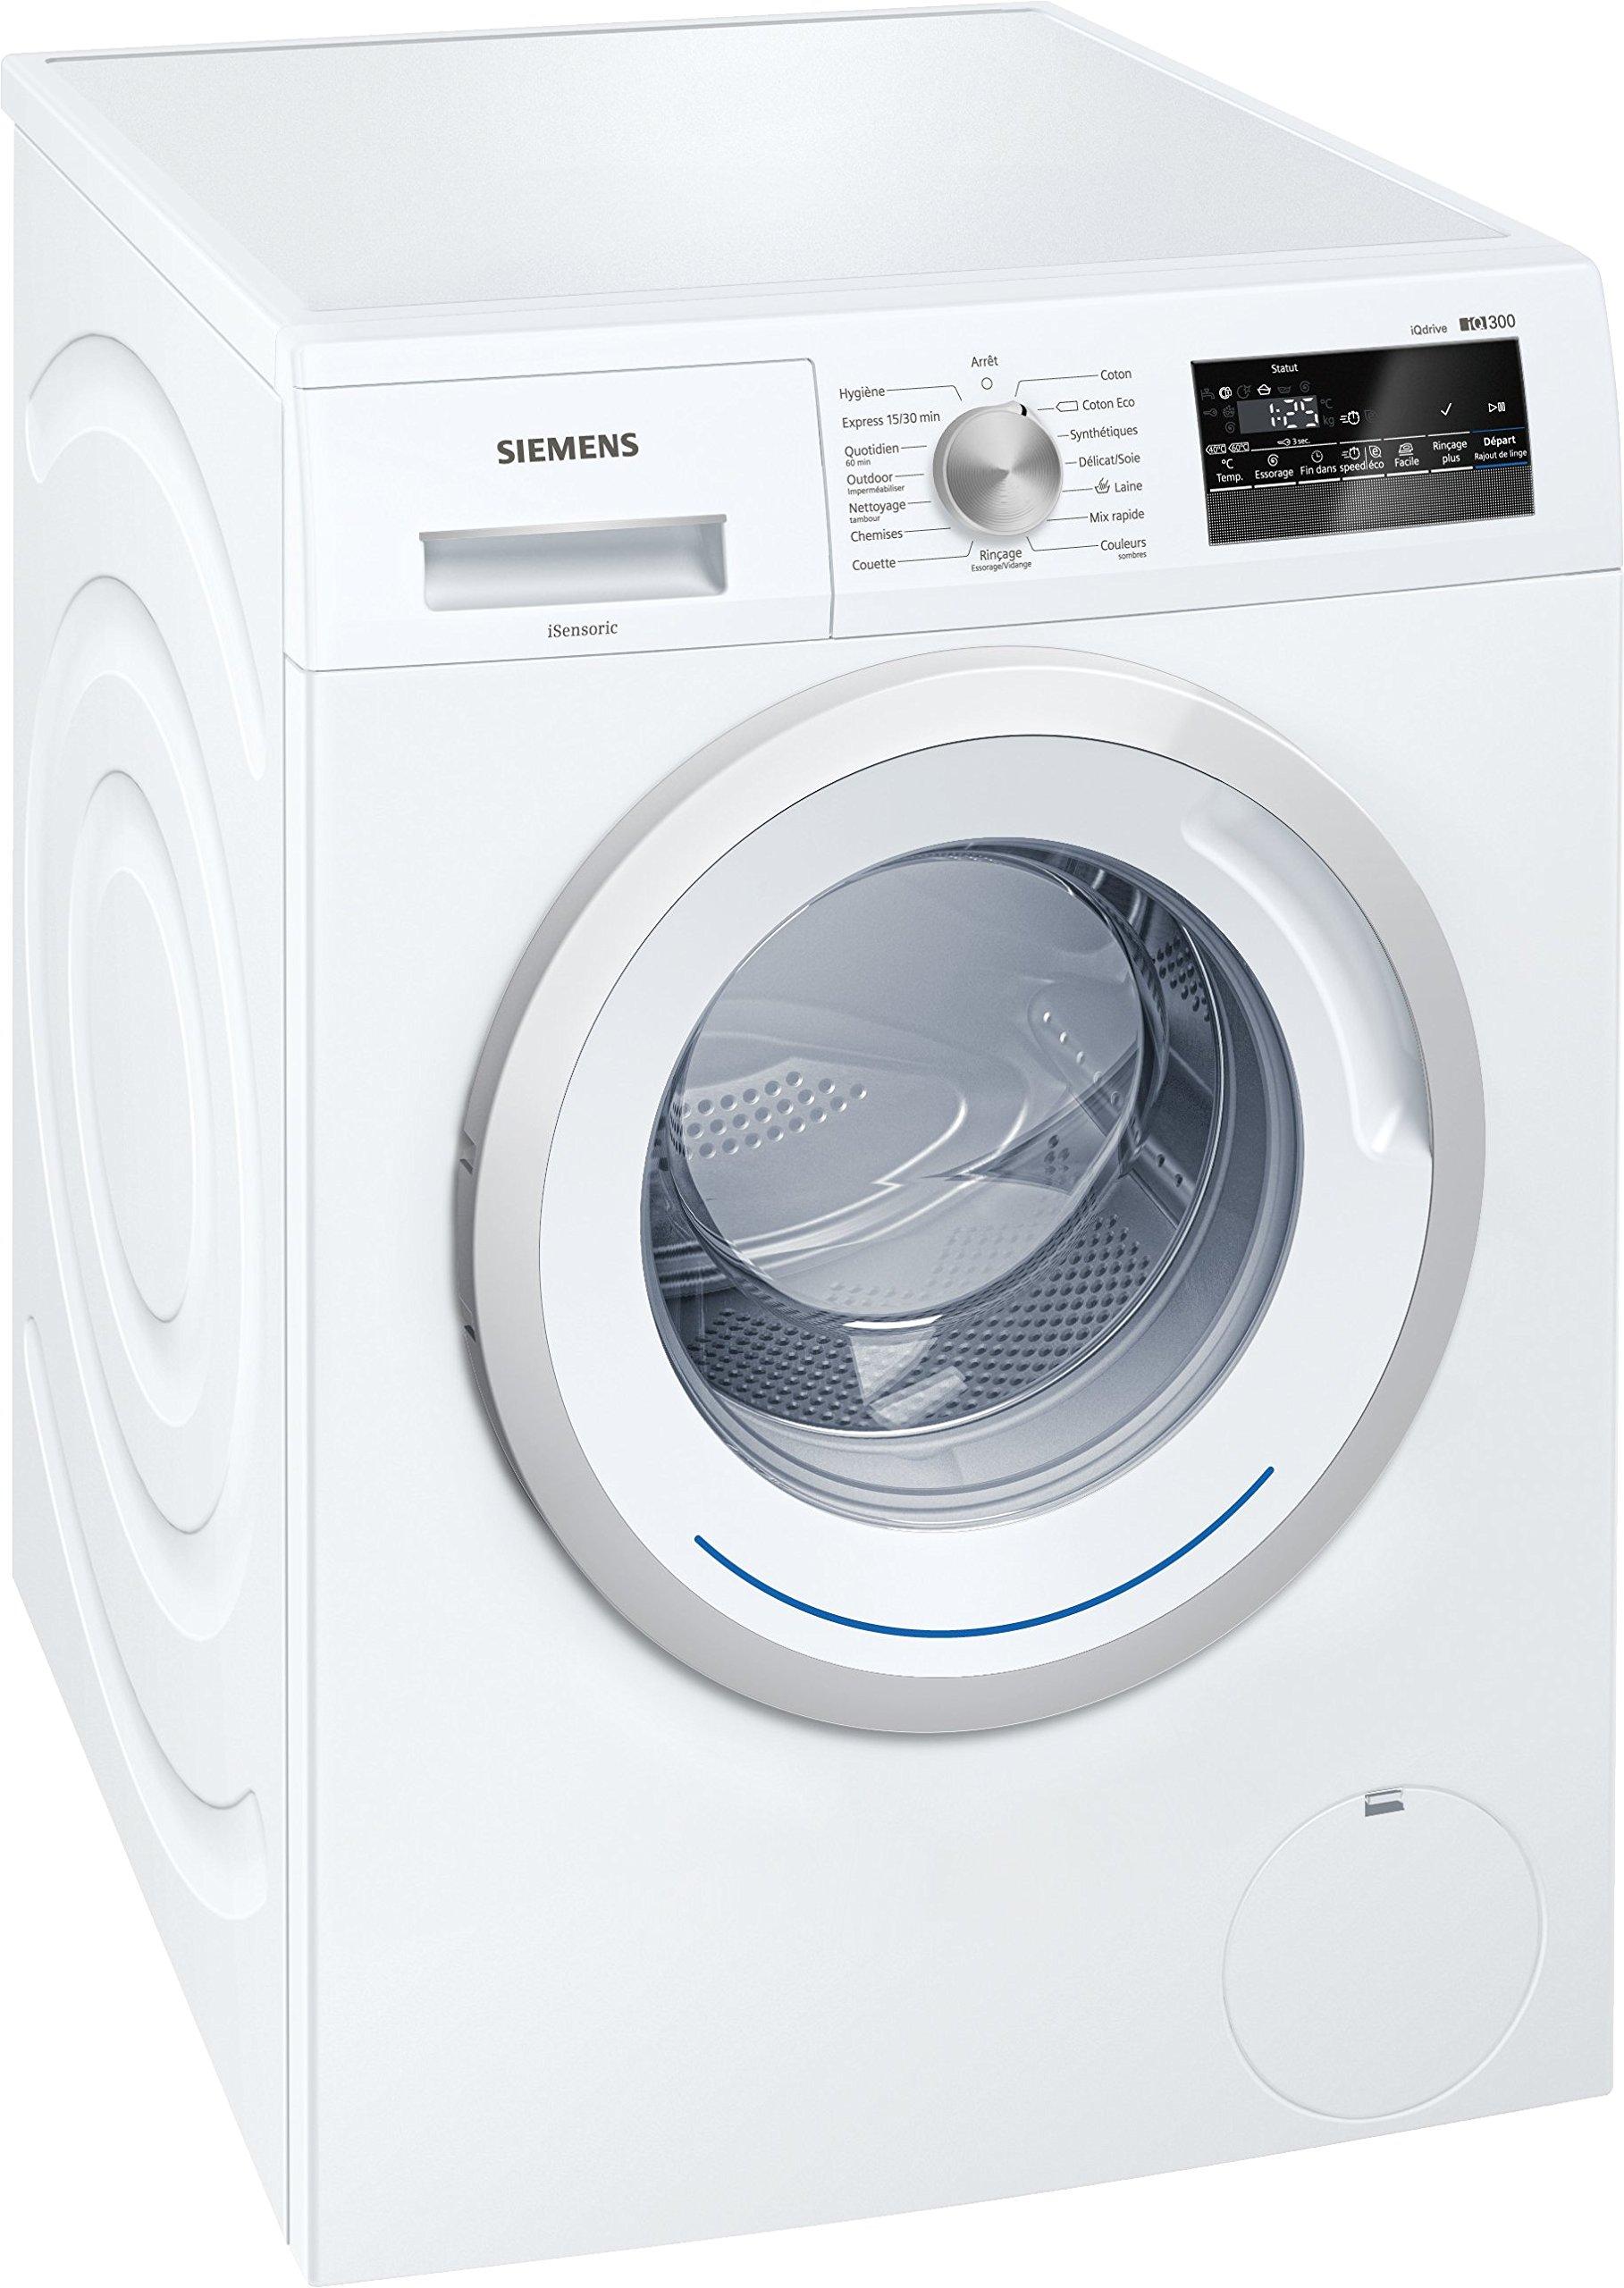 Siemens-wm12-N260ff-autonome-Belastung-Bevor-8-kg-1200trmin-A-10-wei-Waschmaschine–Waschmaschinen-autonome-bevor-Belastung-wei-links-LED-55-l